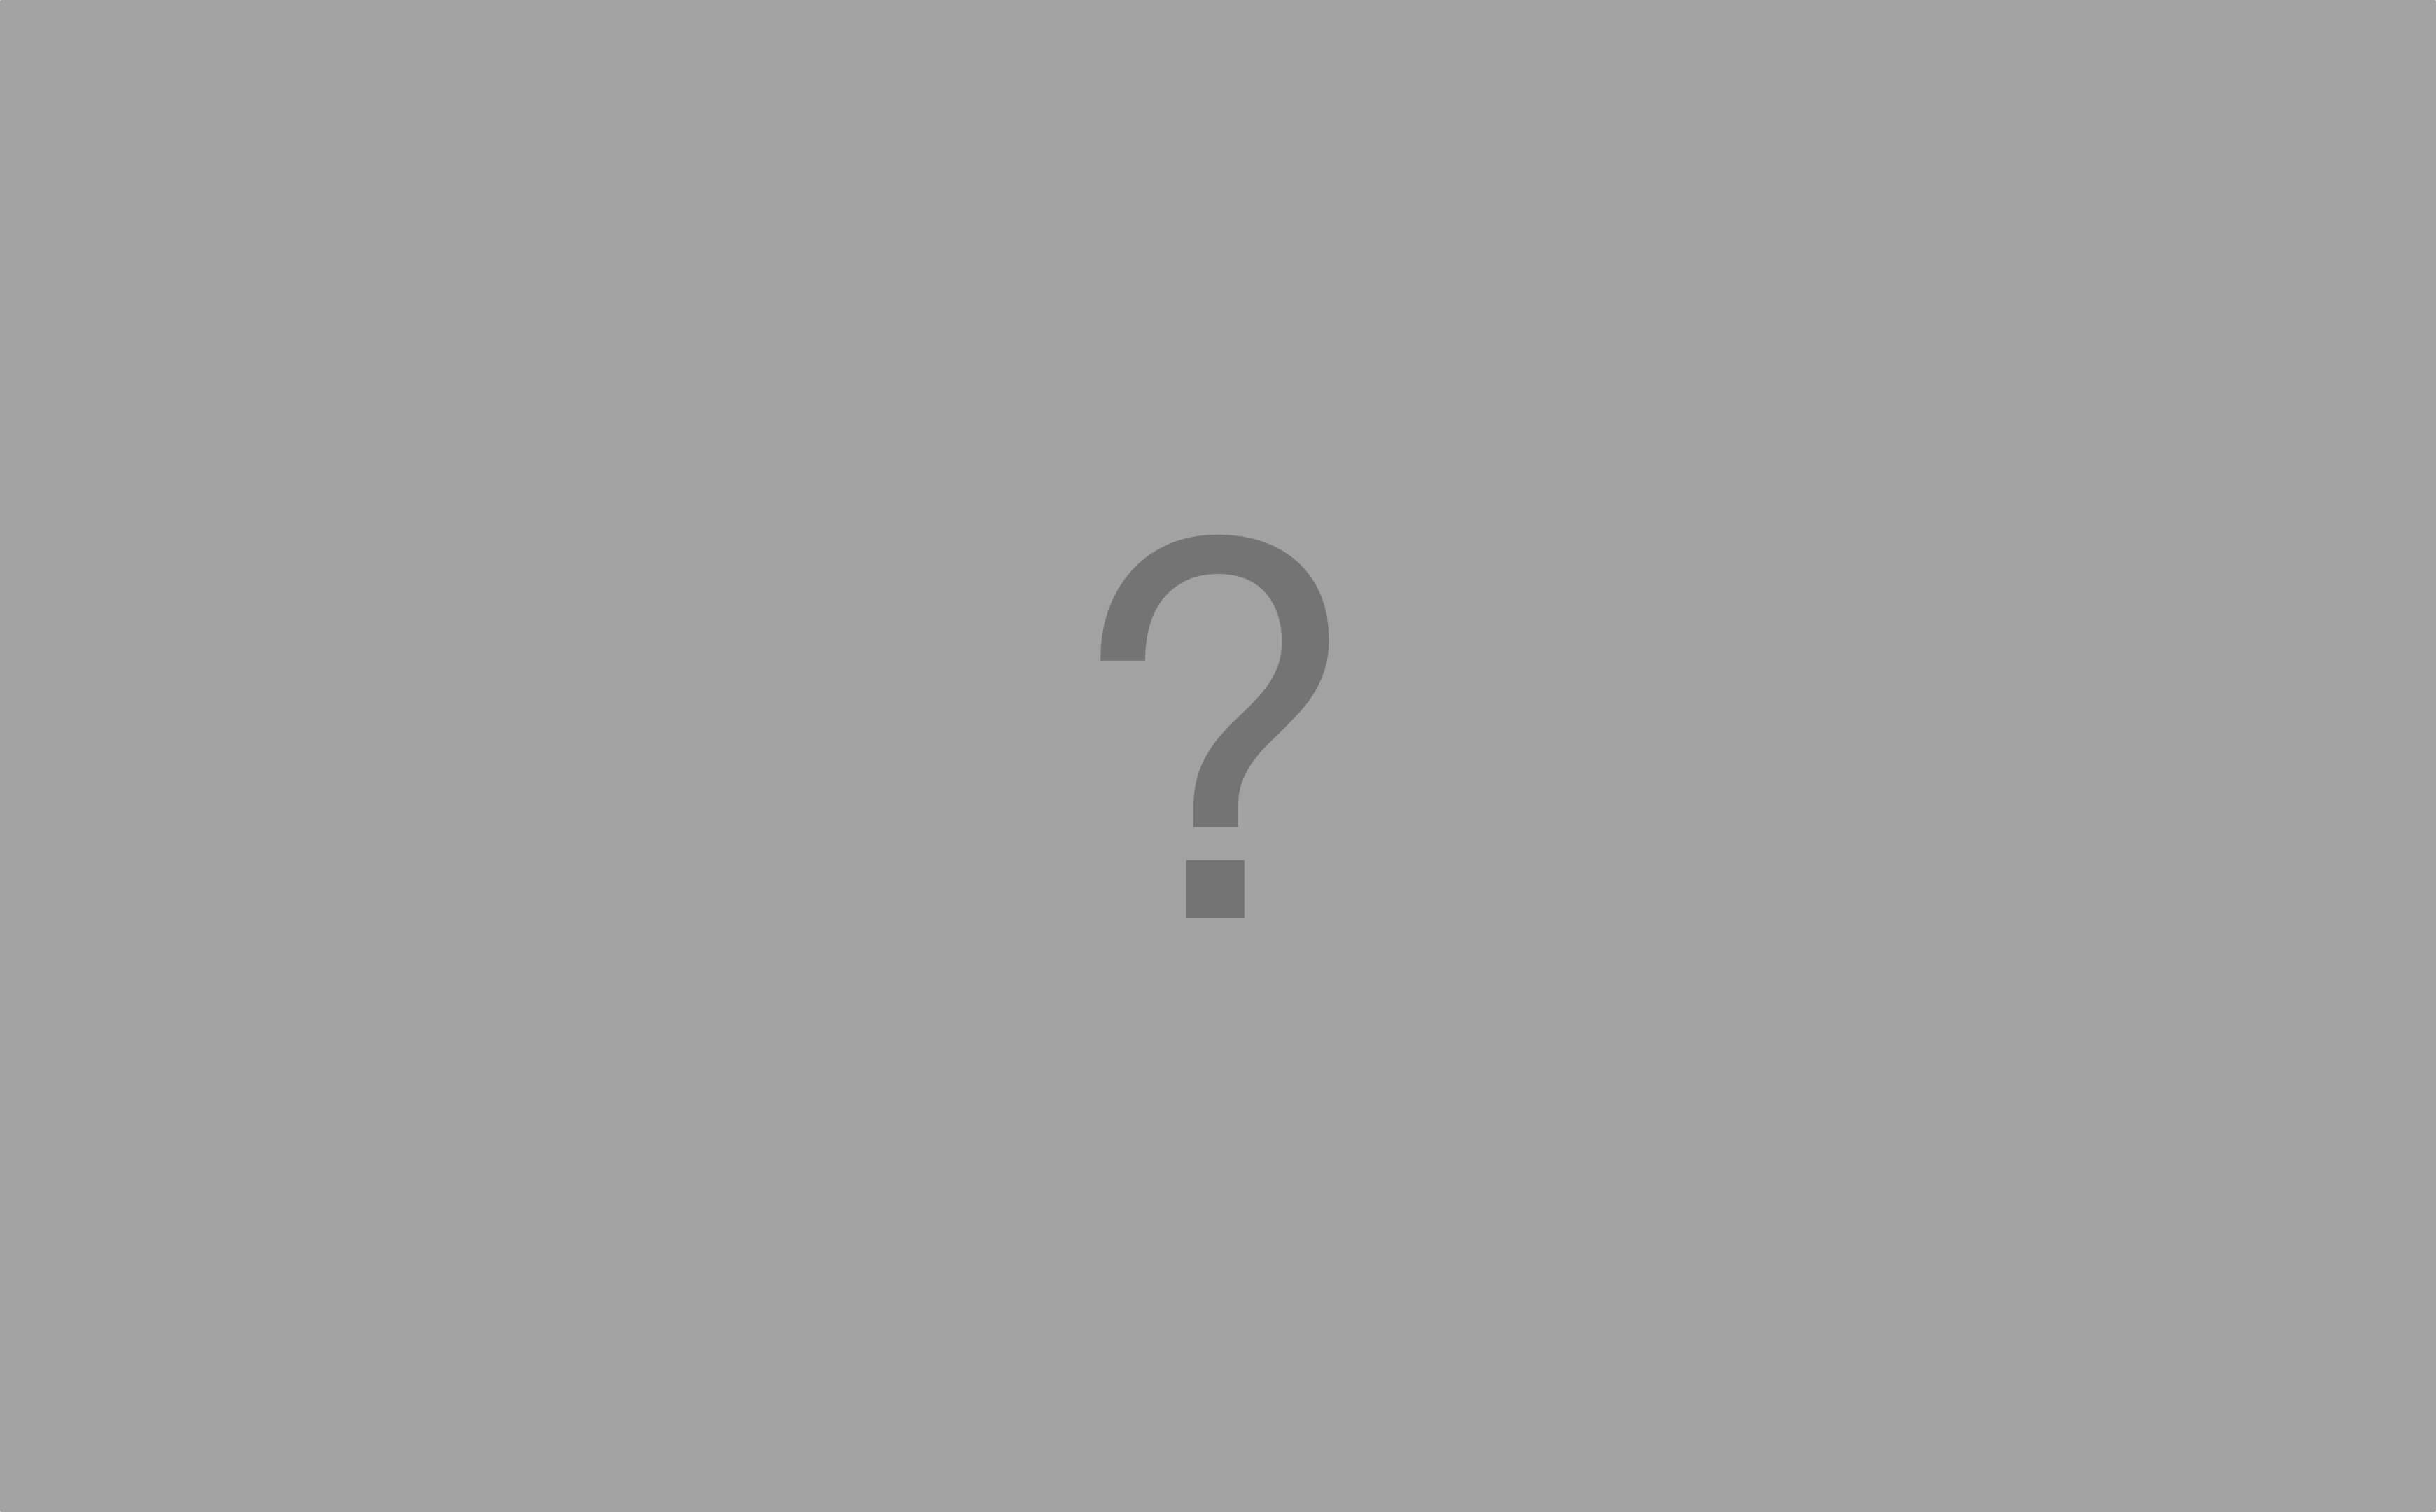 Spannende Bilder: iPhone X mit neuem Wallpaper aufgetaucht